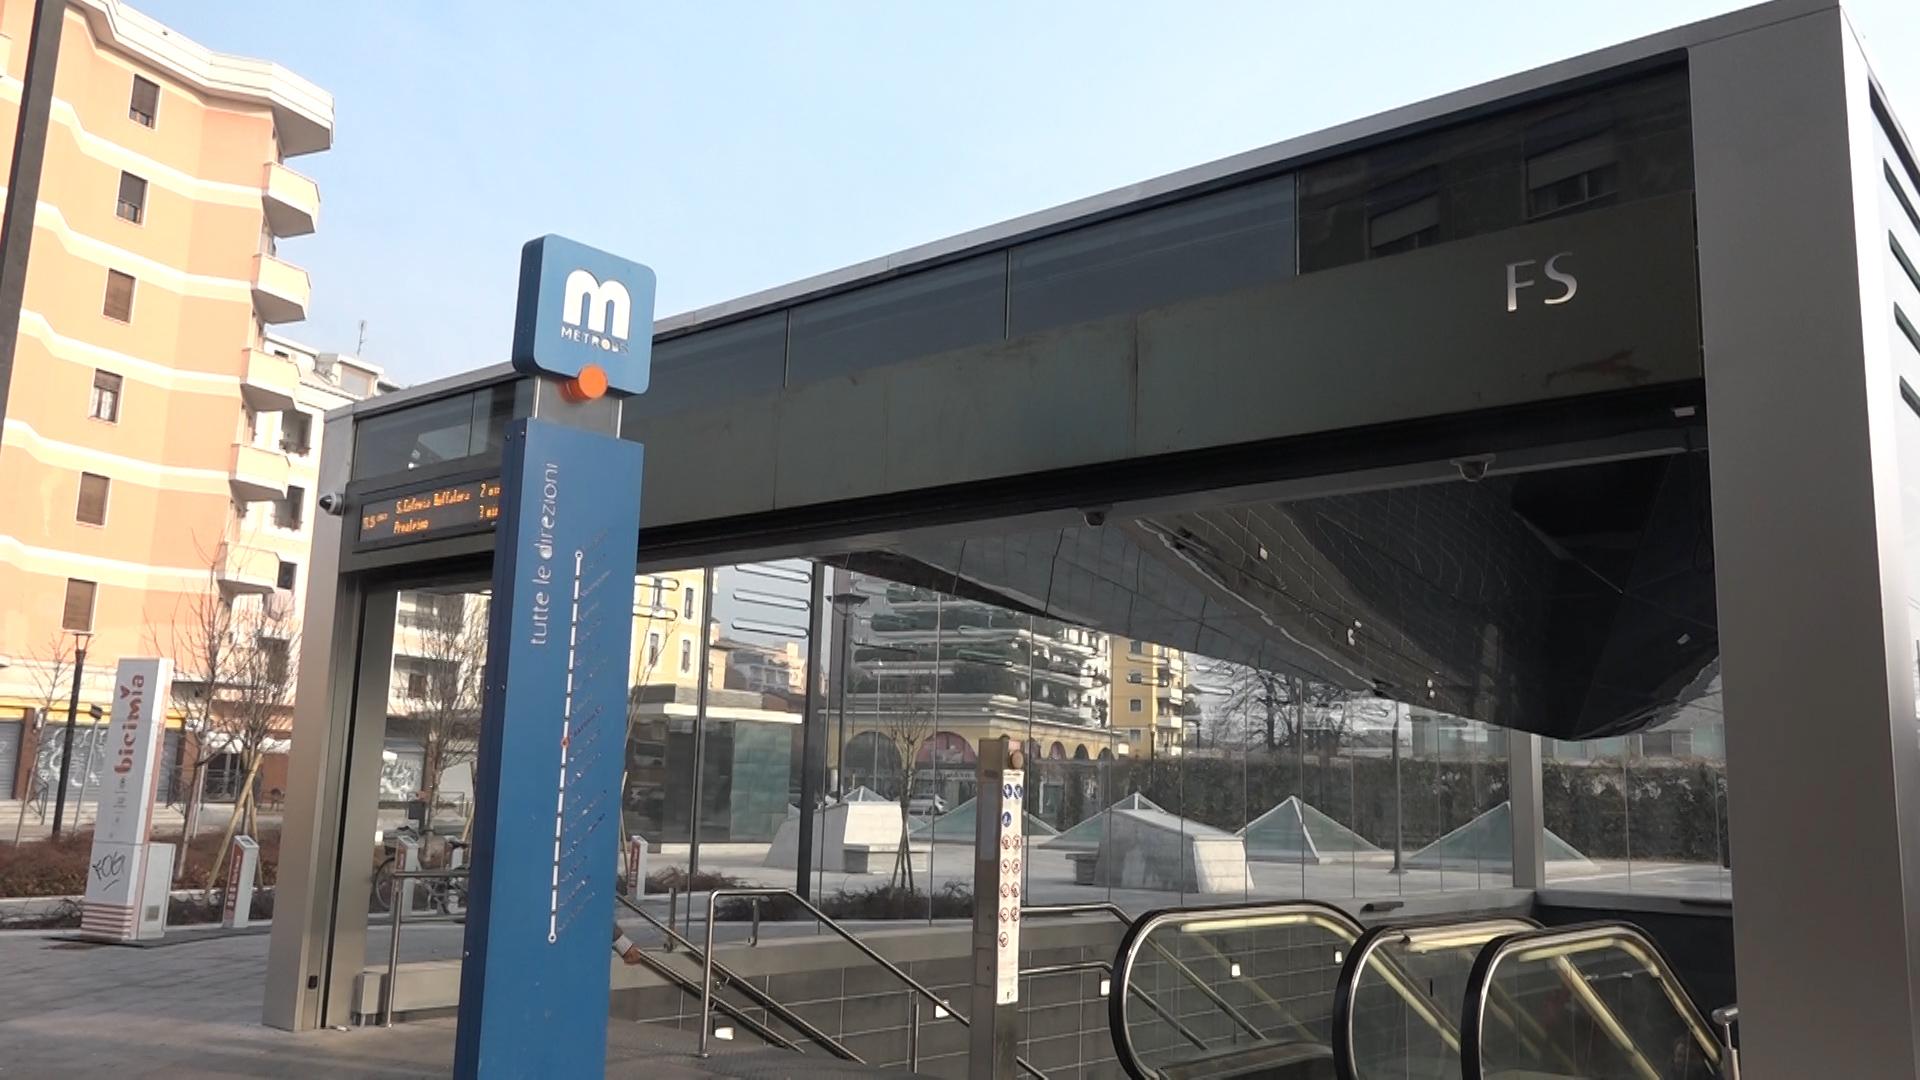 Stazione metro FS, inaugurata la copertura delle scale di accesso